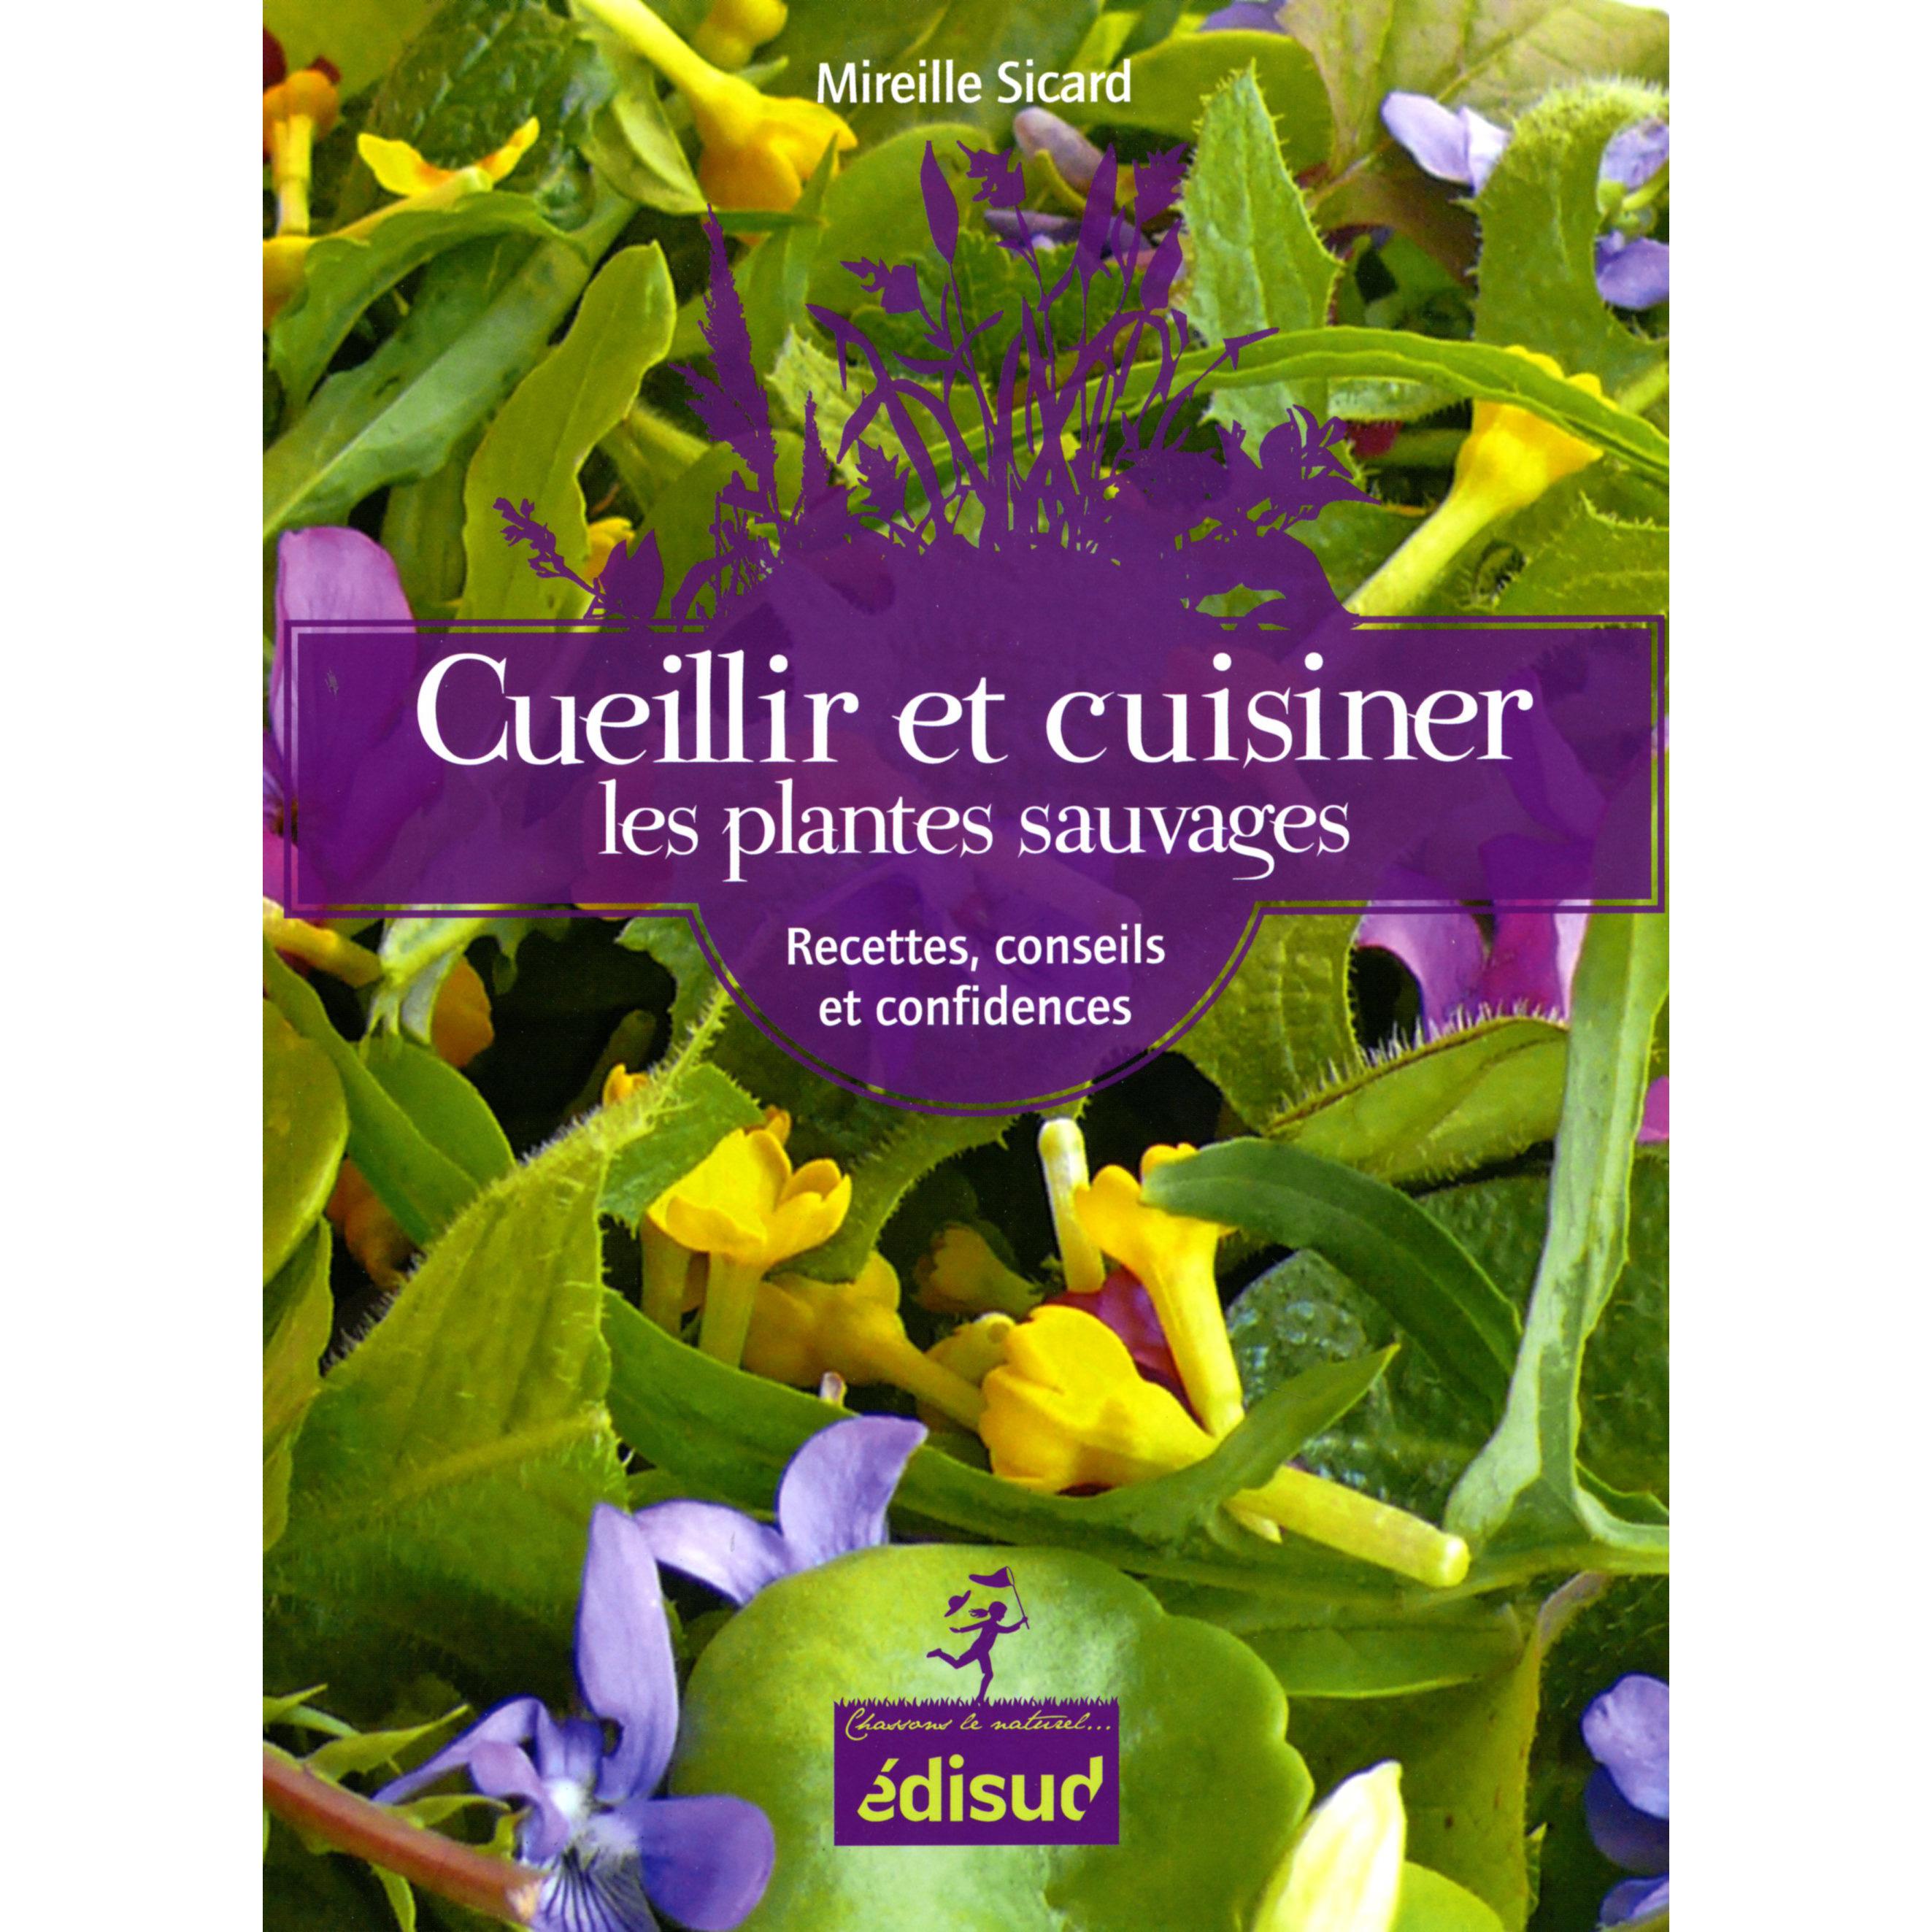 Cueillir et cuisiner les plantes sauvages 9782744909009 - Cuisiner les herbes sauvages ...